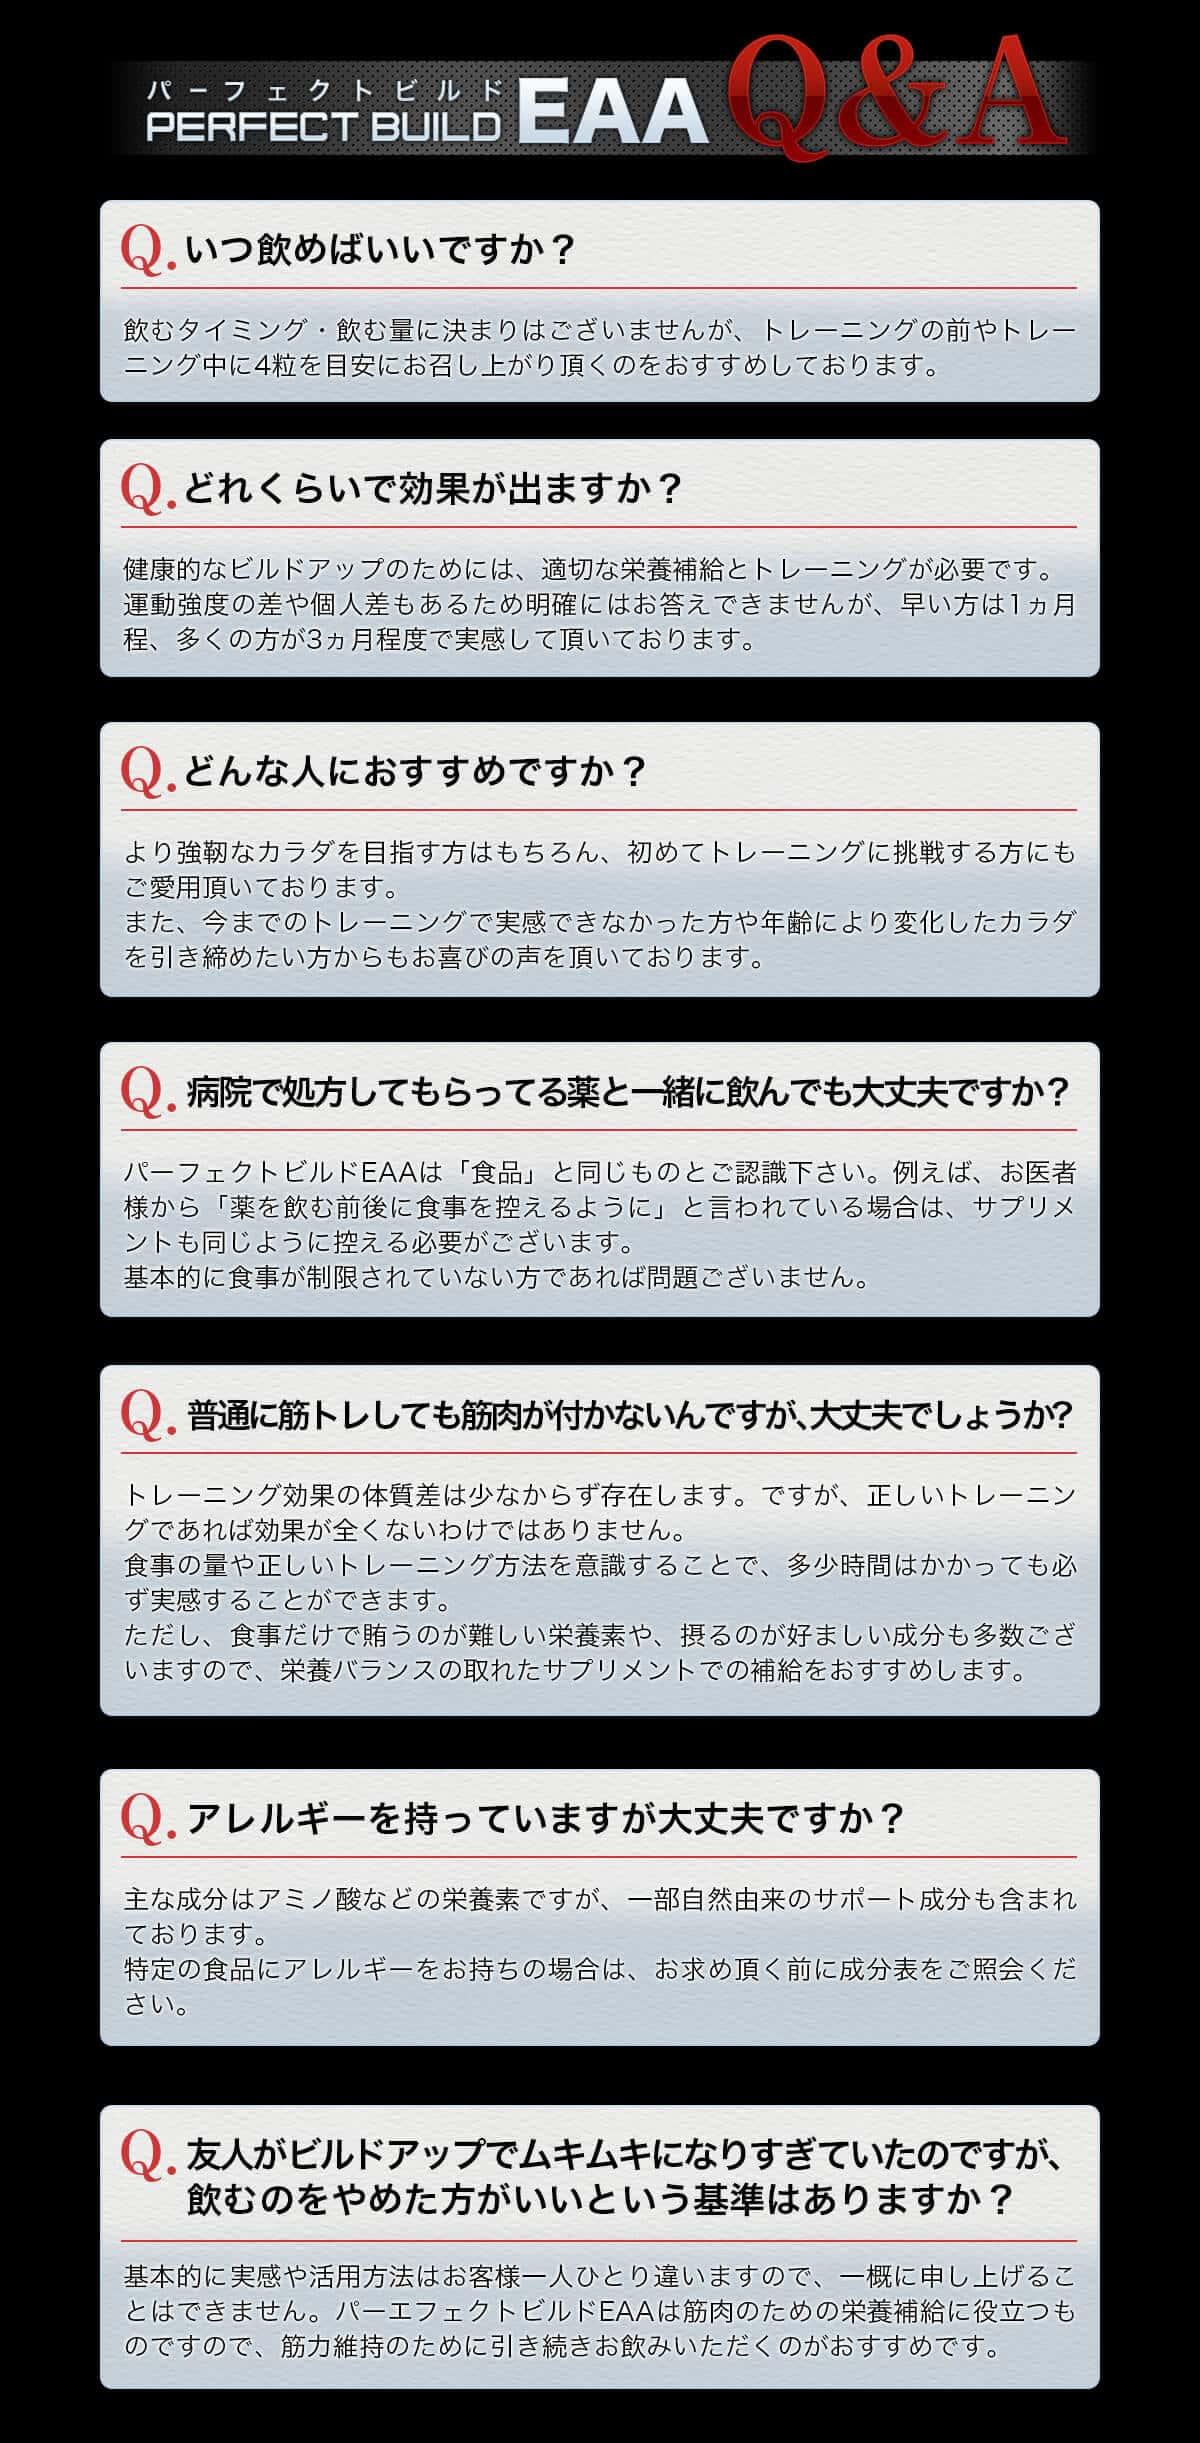 パーフェクトビルドEAA Q&A